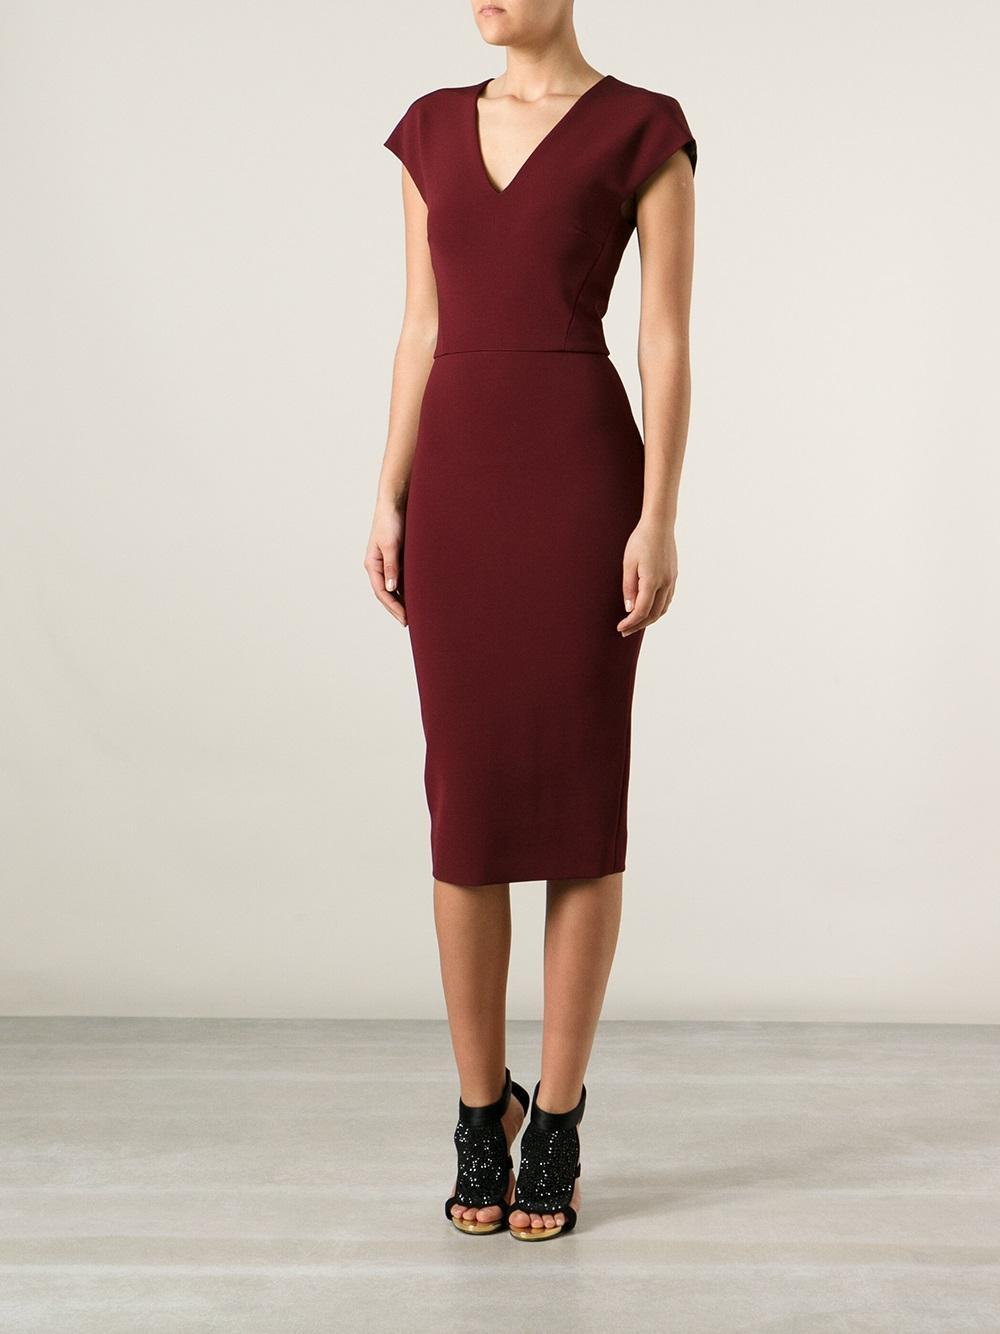 Lyst Victoria Beckham Bodycon Dress In Red